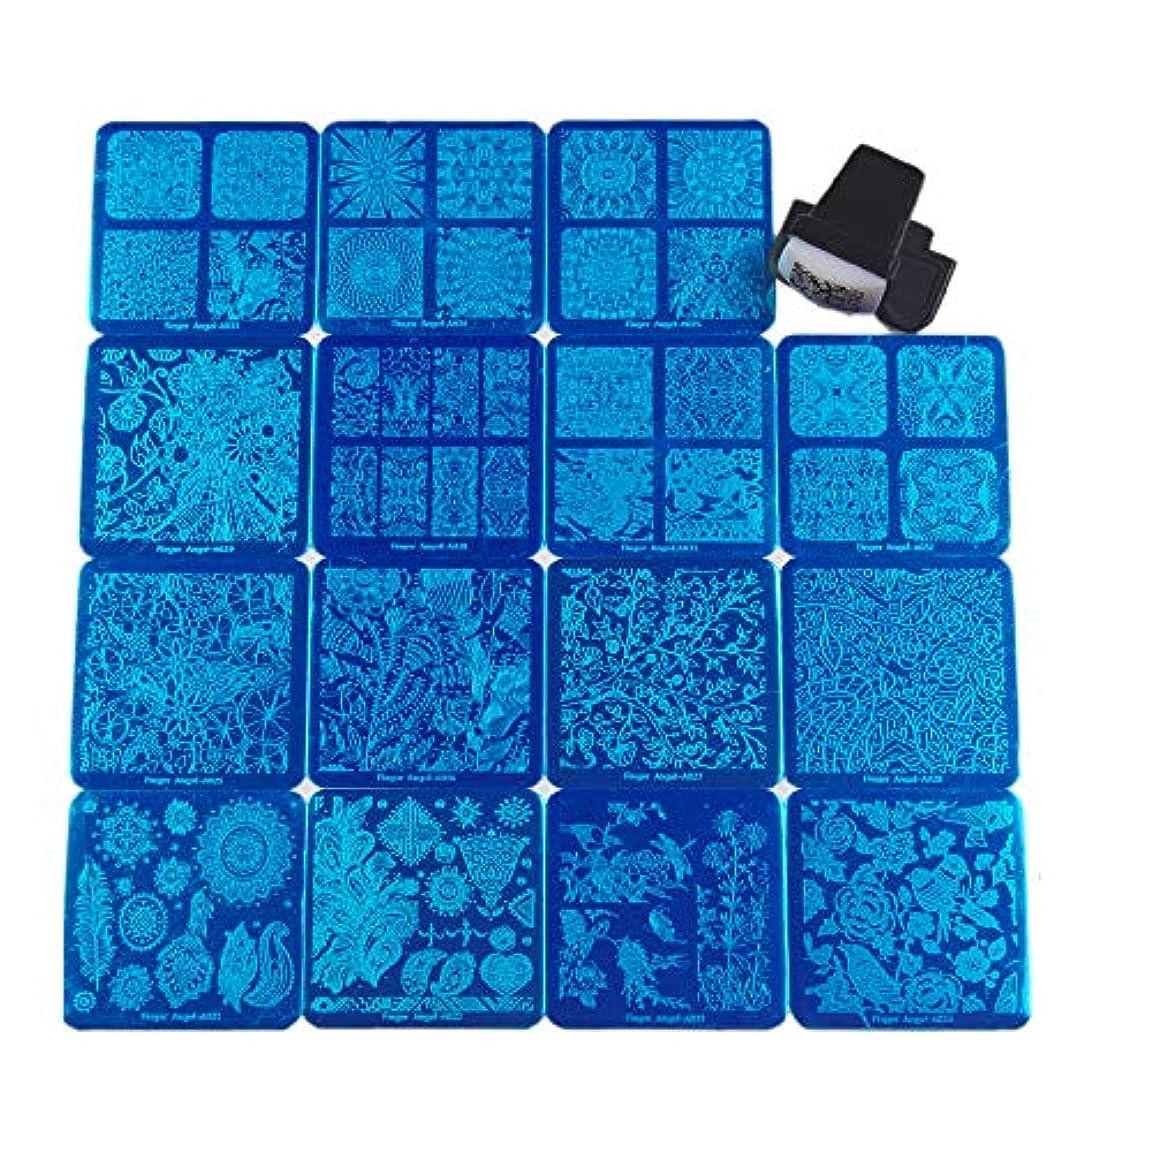 株式会社実業家学校の先生FingerAngel ネイルイメージプレートセット ネイルプレート正方形15枚 スタンプ スクレーパー カードバッグ付き ネイルサロンも自宅も使えるネイルプレート